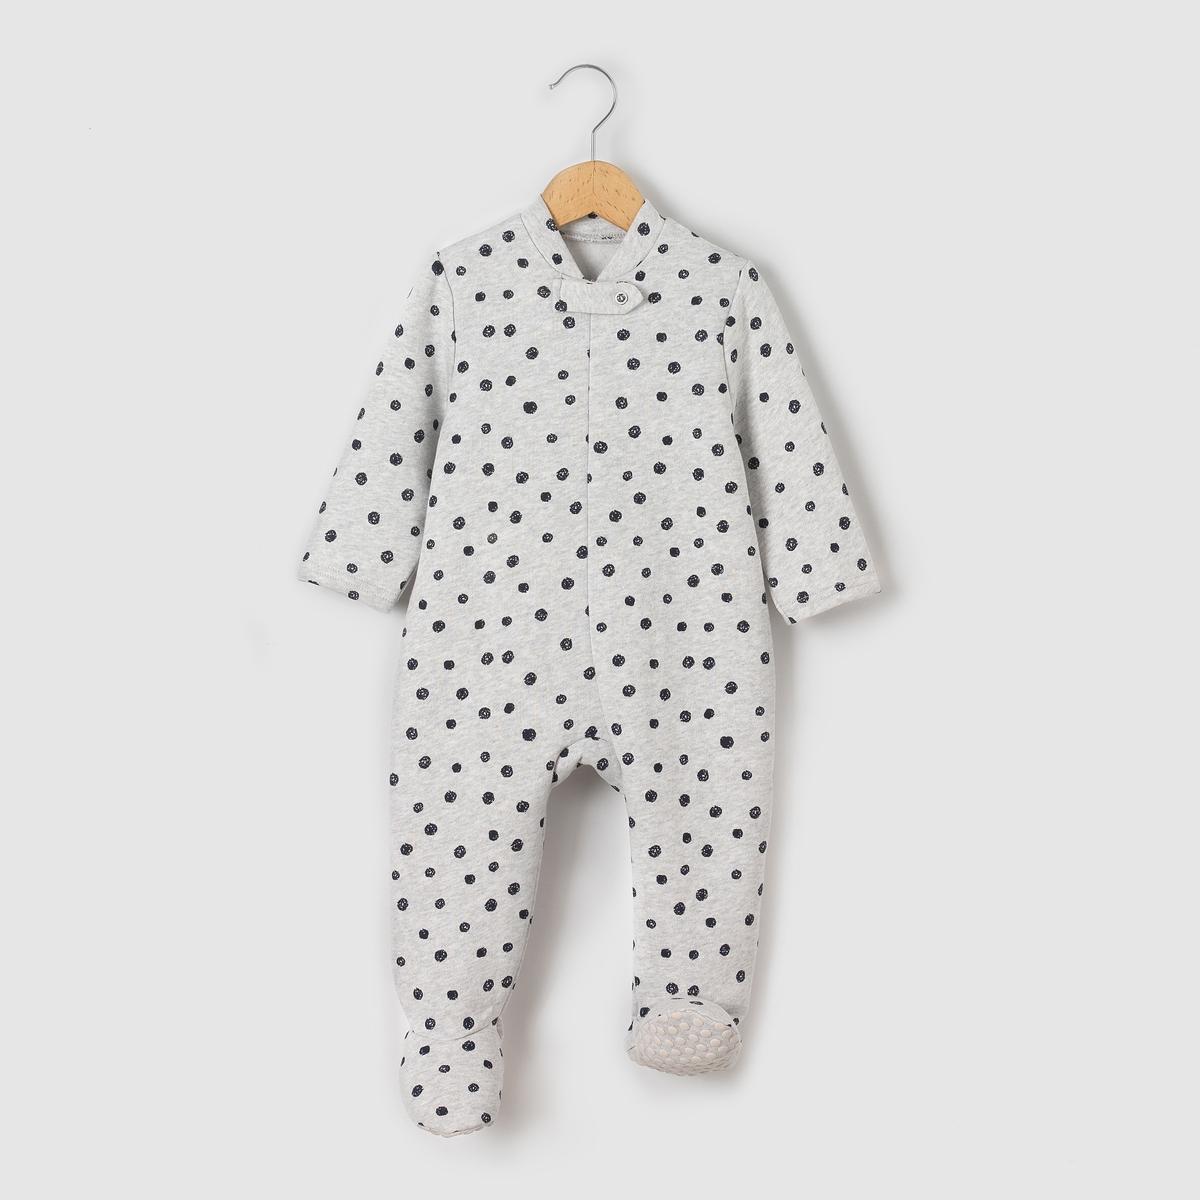 Пижама-комбинезон из мольтона с рисунком горох 0 мес-3 лет пижамы и ночные сорочки bambinizon пижама комбинезон на кнопках сафари